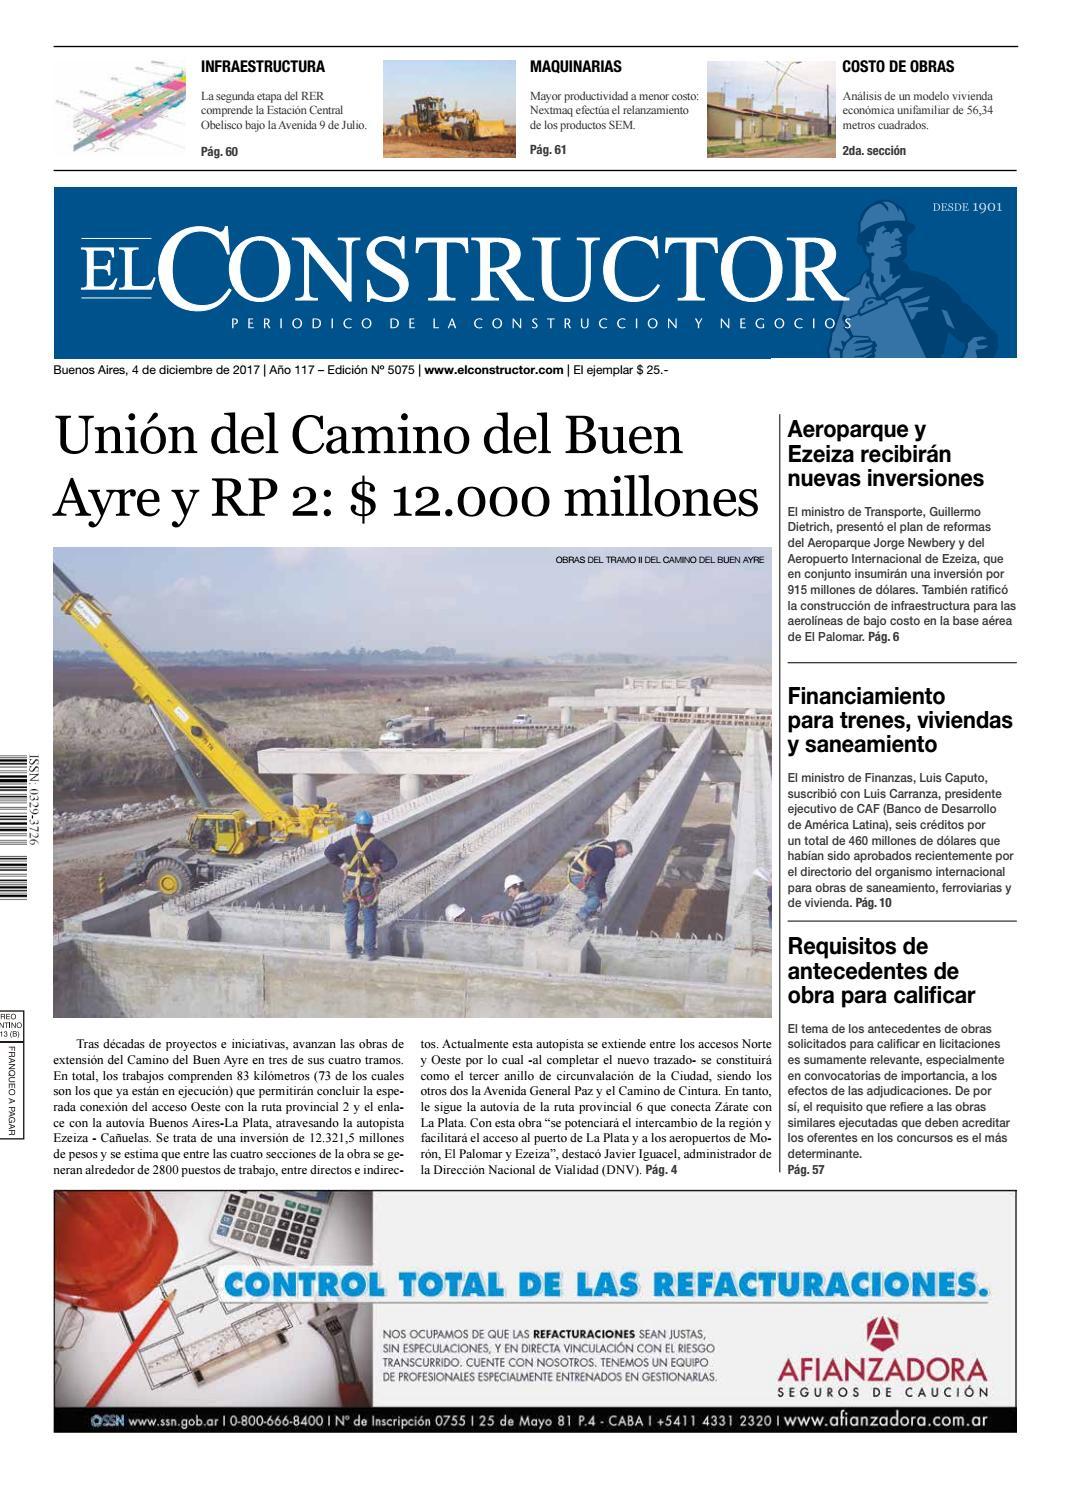 El Constructor 4/12/2017 - N° 5075 Año 117 by ELCO Editores - issuu